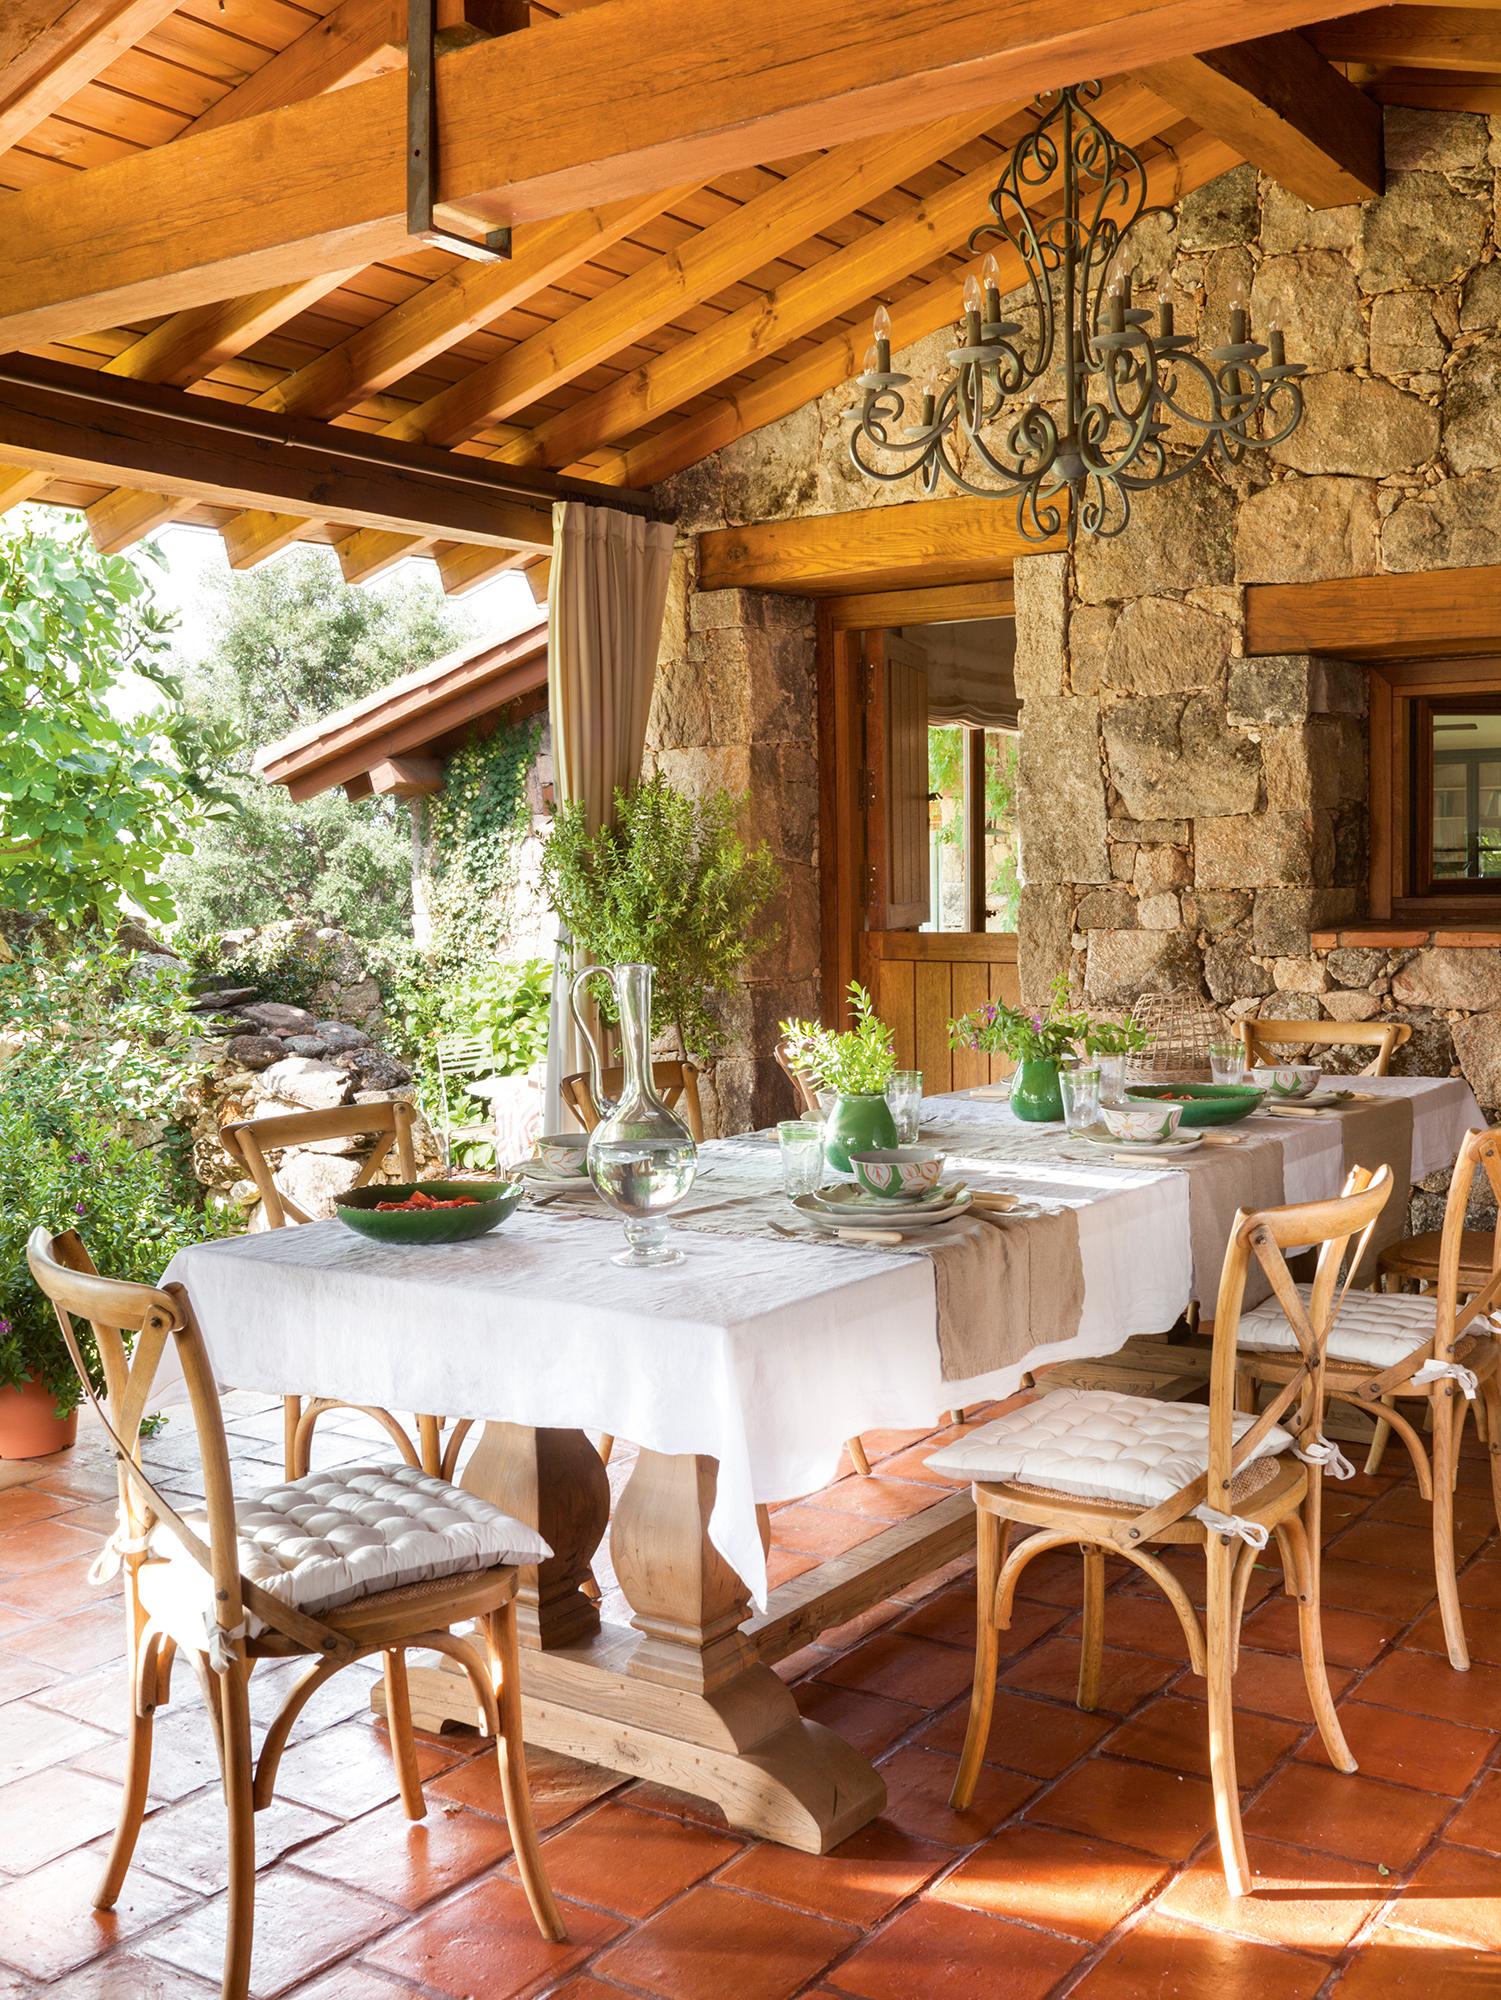 Comedores de exterior los 50 mejores de el mueble for Comedores exteriores para terrazas